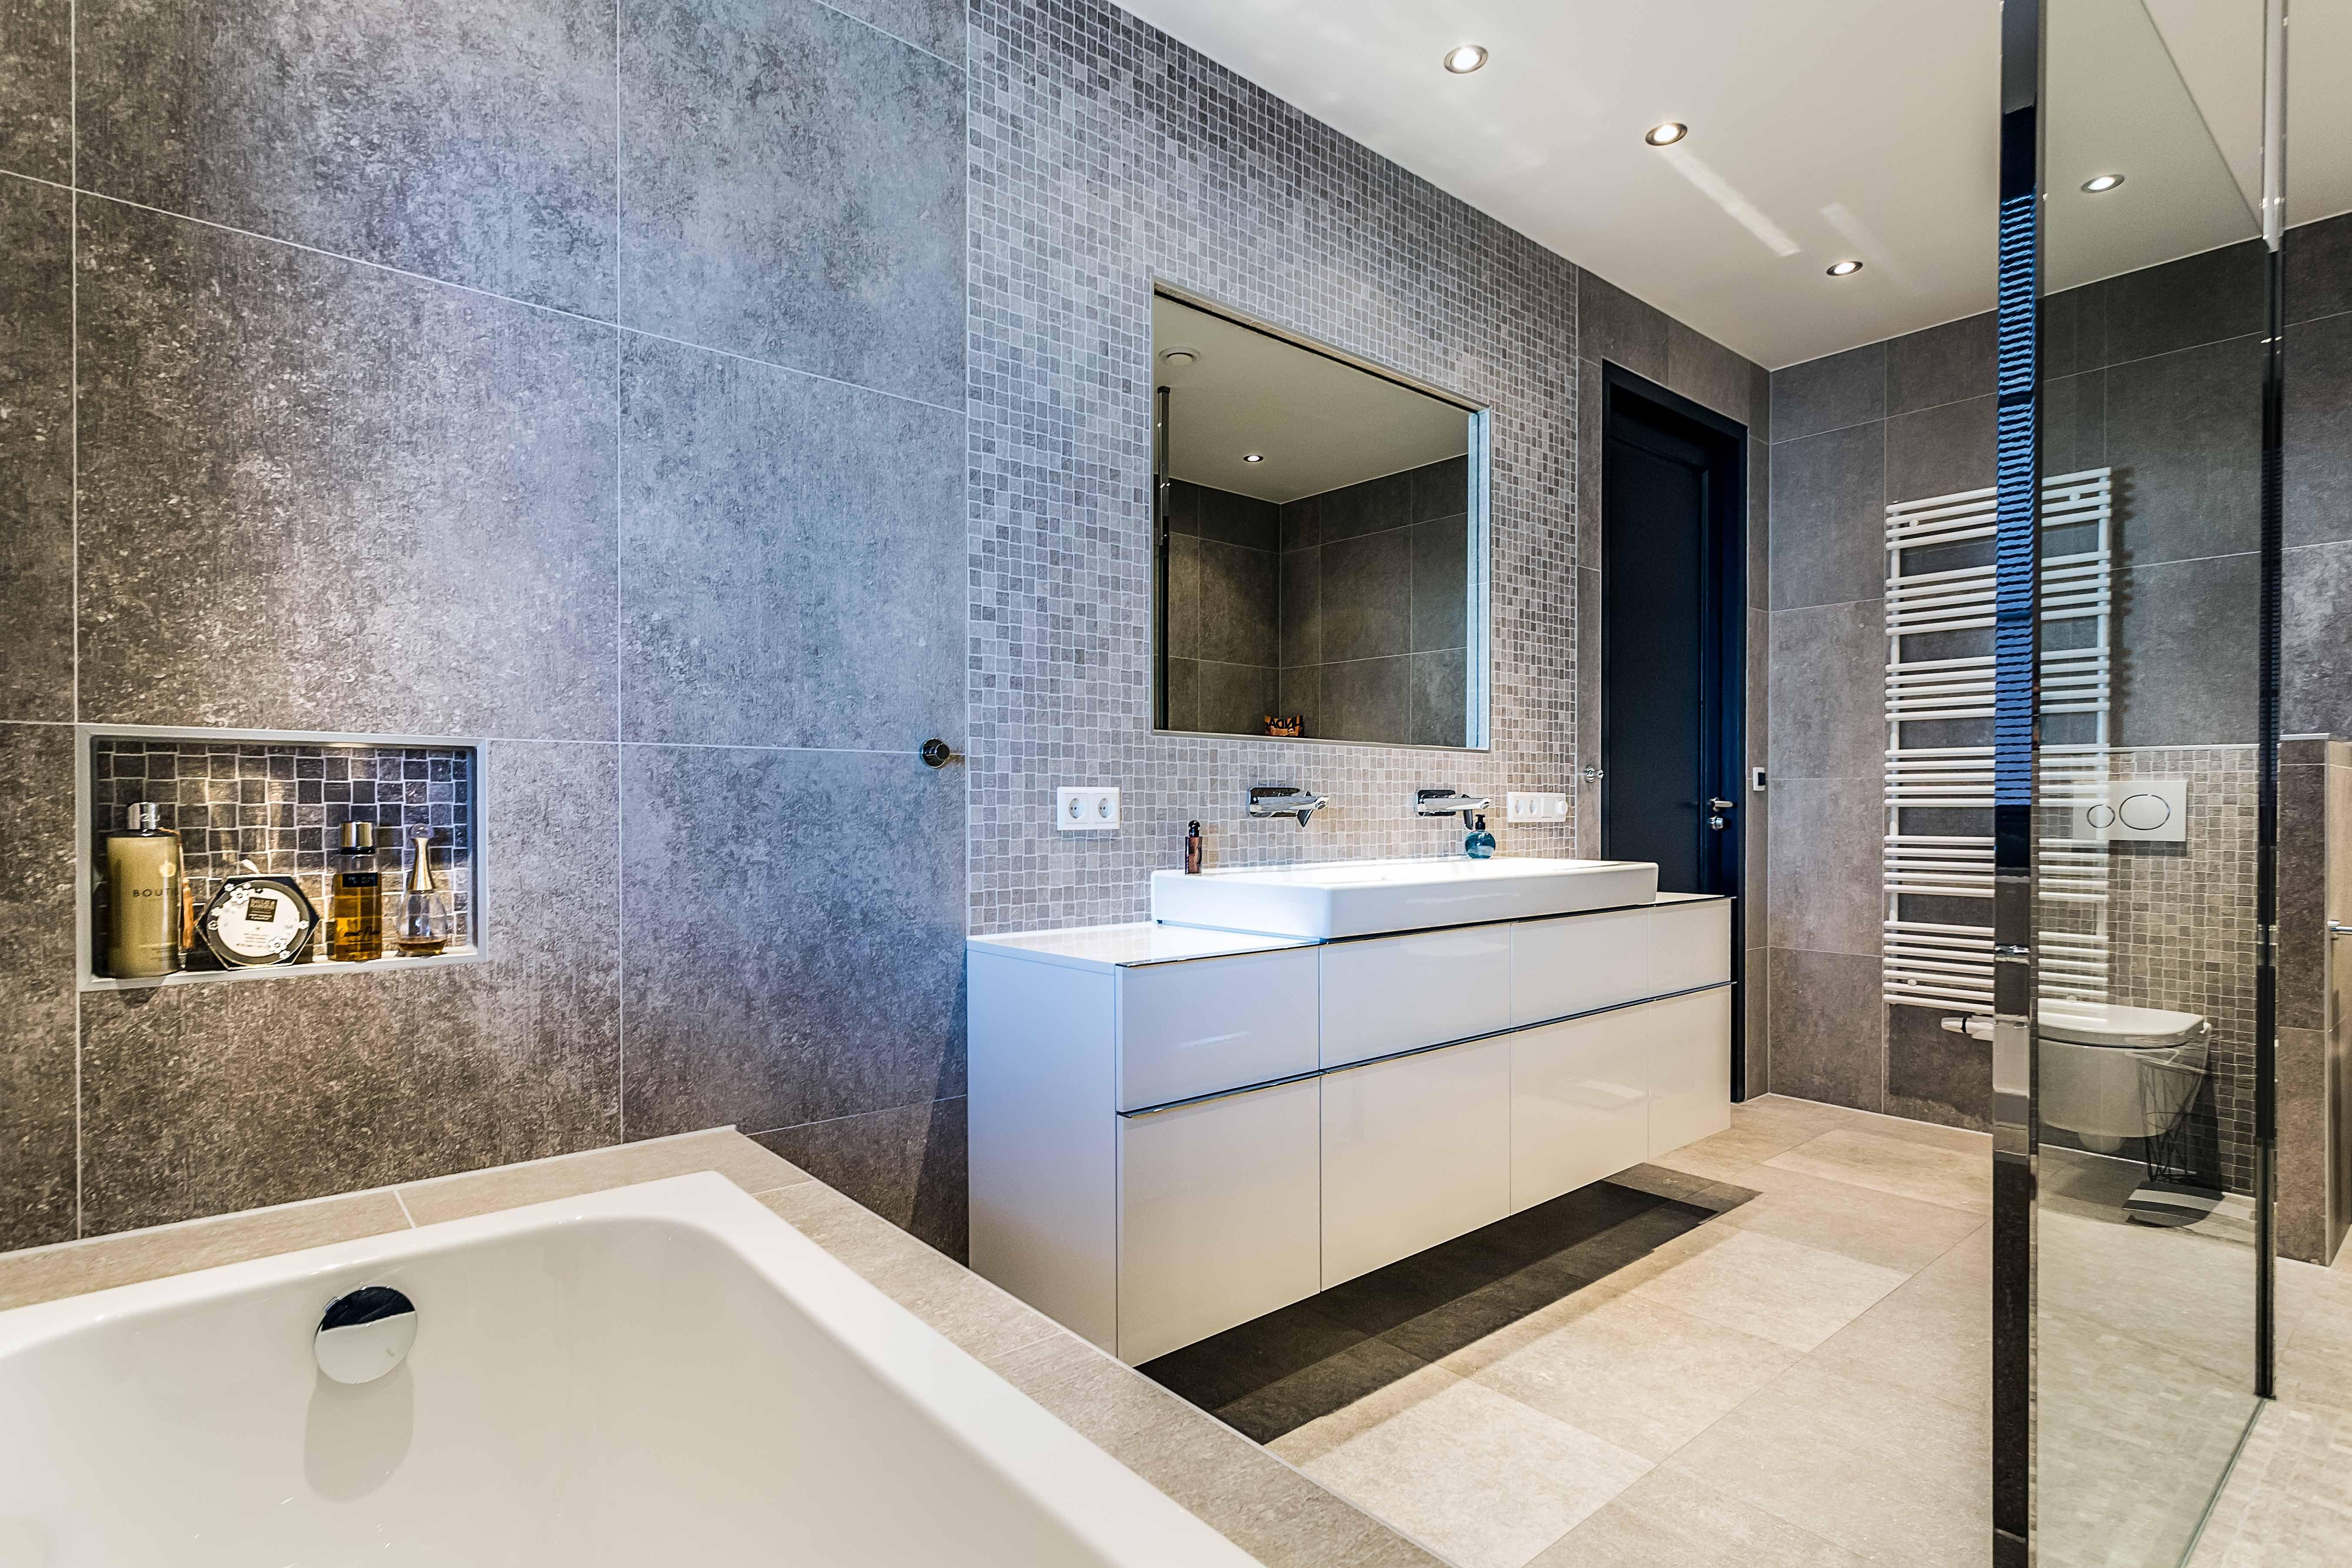 Prachtige badkamer met inloopdouche, grijze tegel. Modern en toch ...